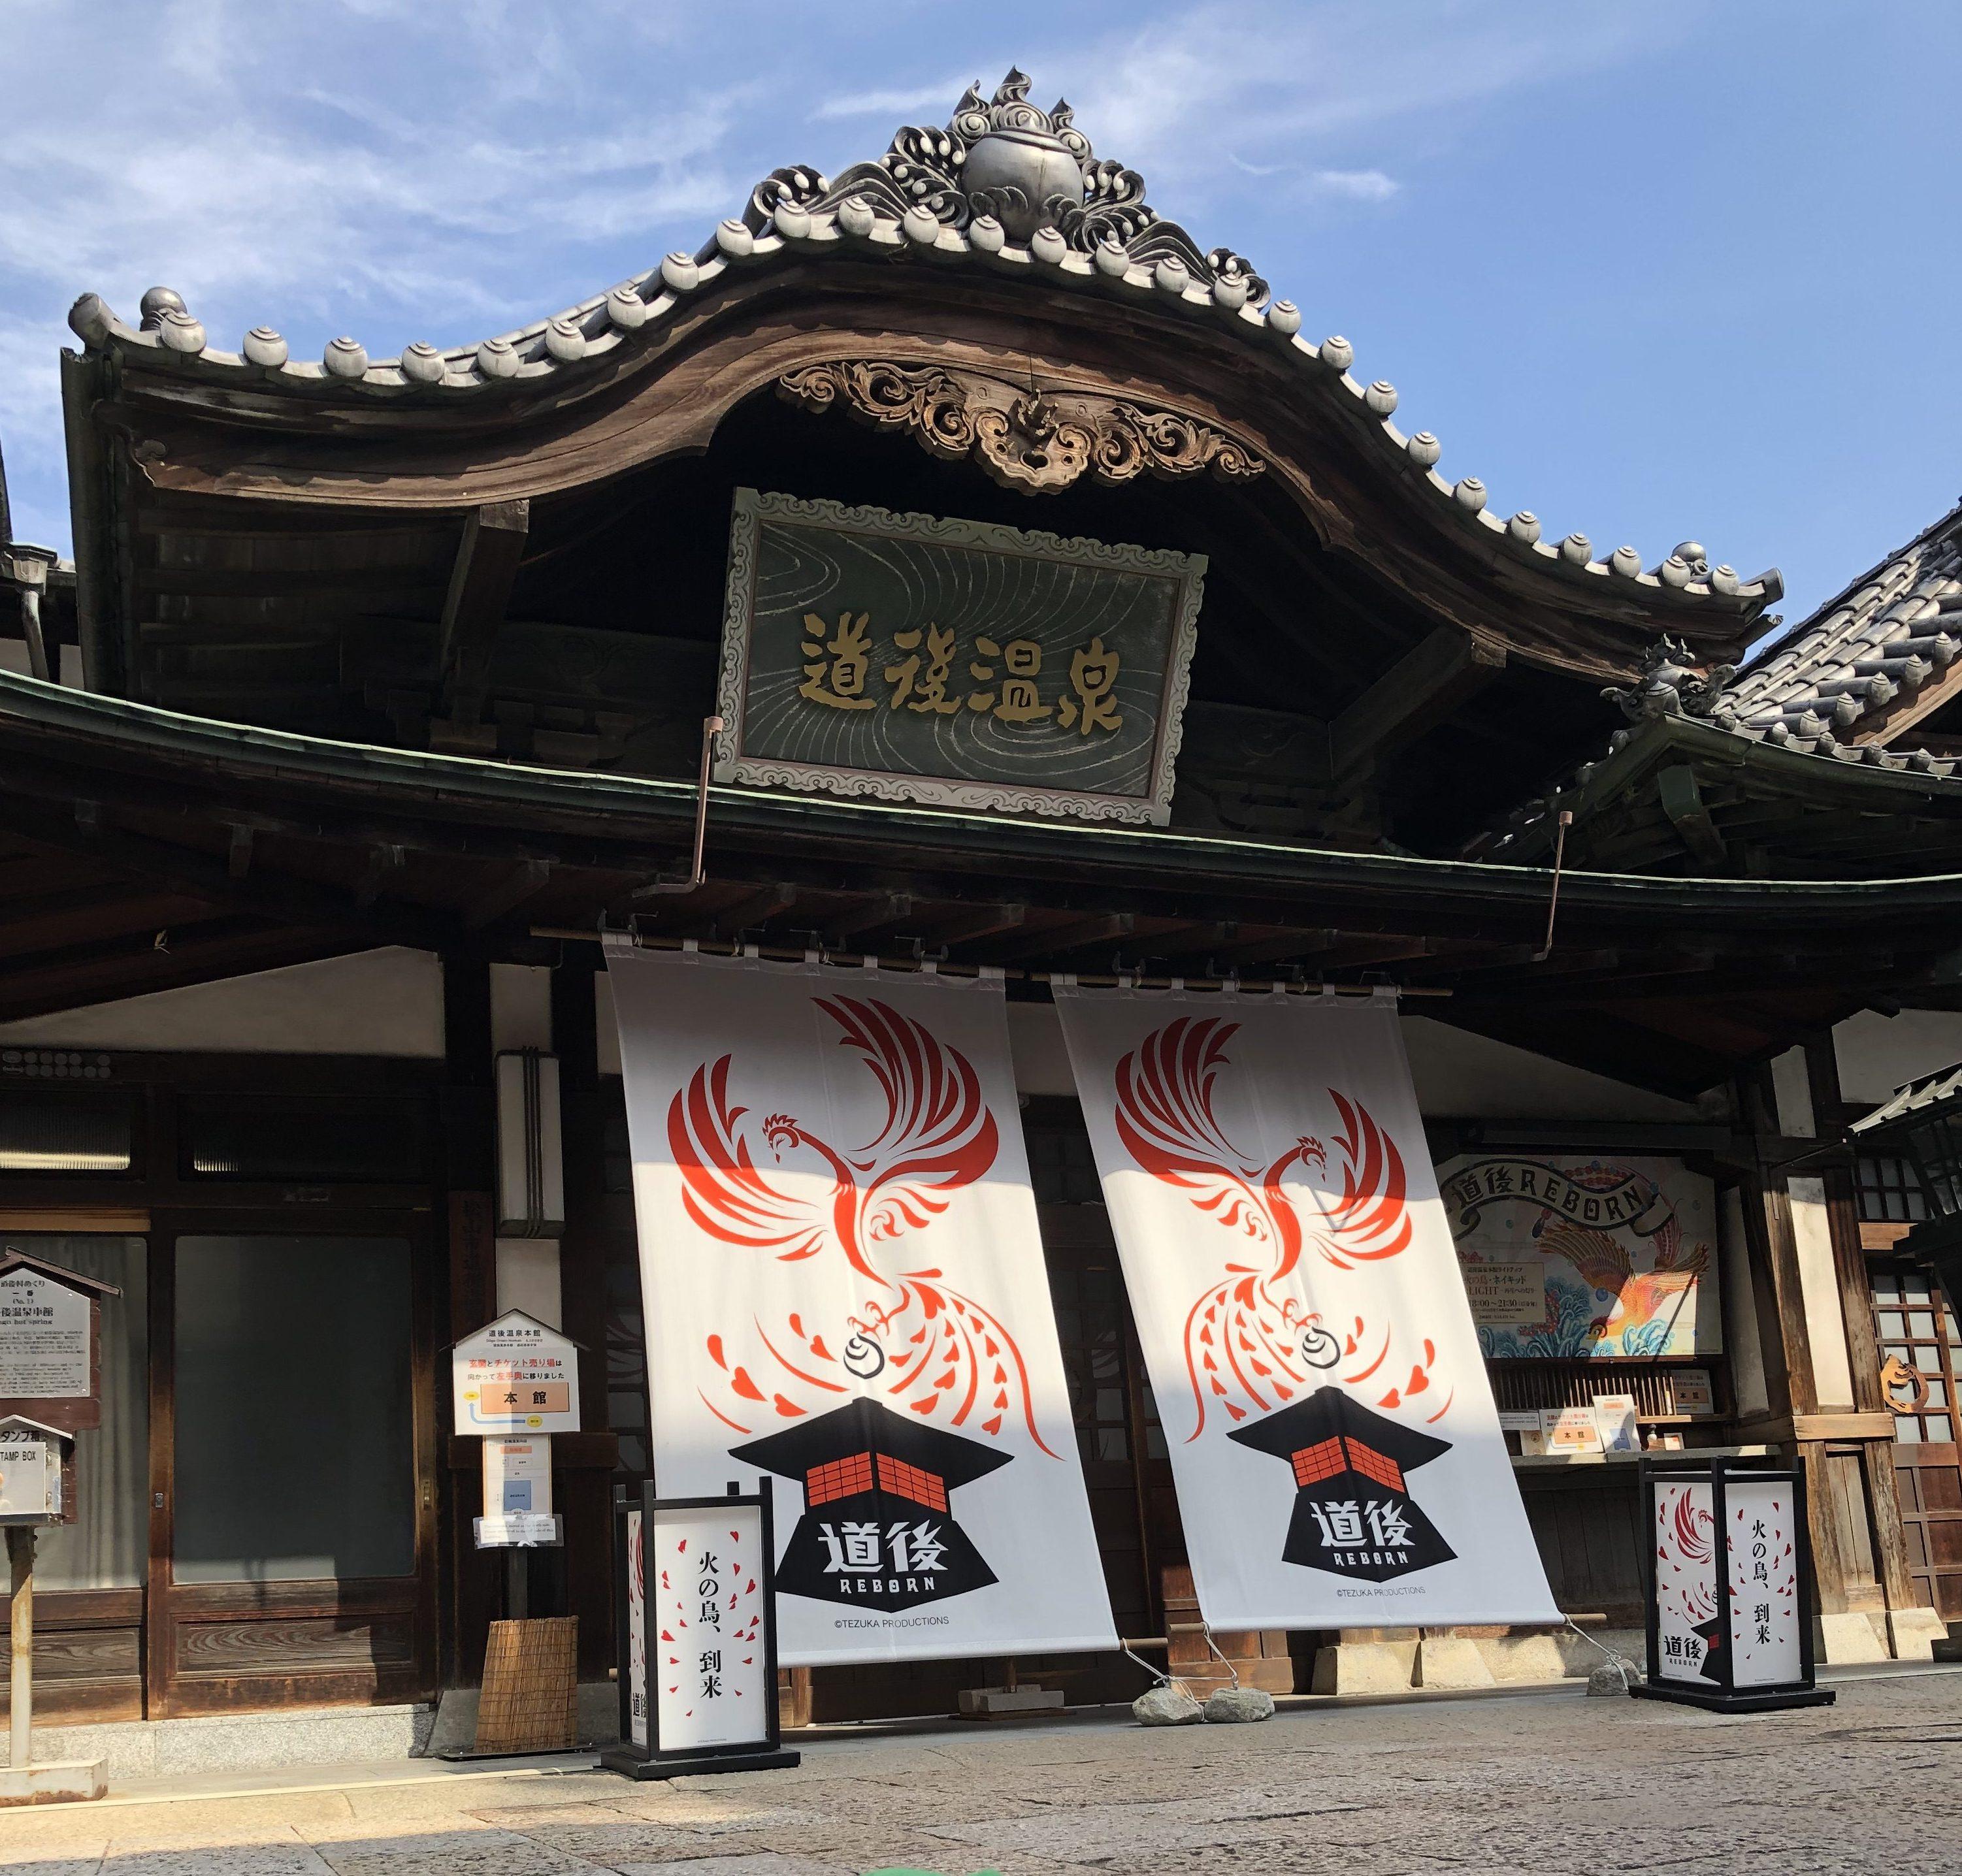 #一平討伐プロジェクト 一日で巡る松山名所〜 #一平くん についての考察 vol.6〜